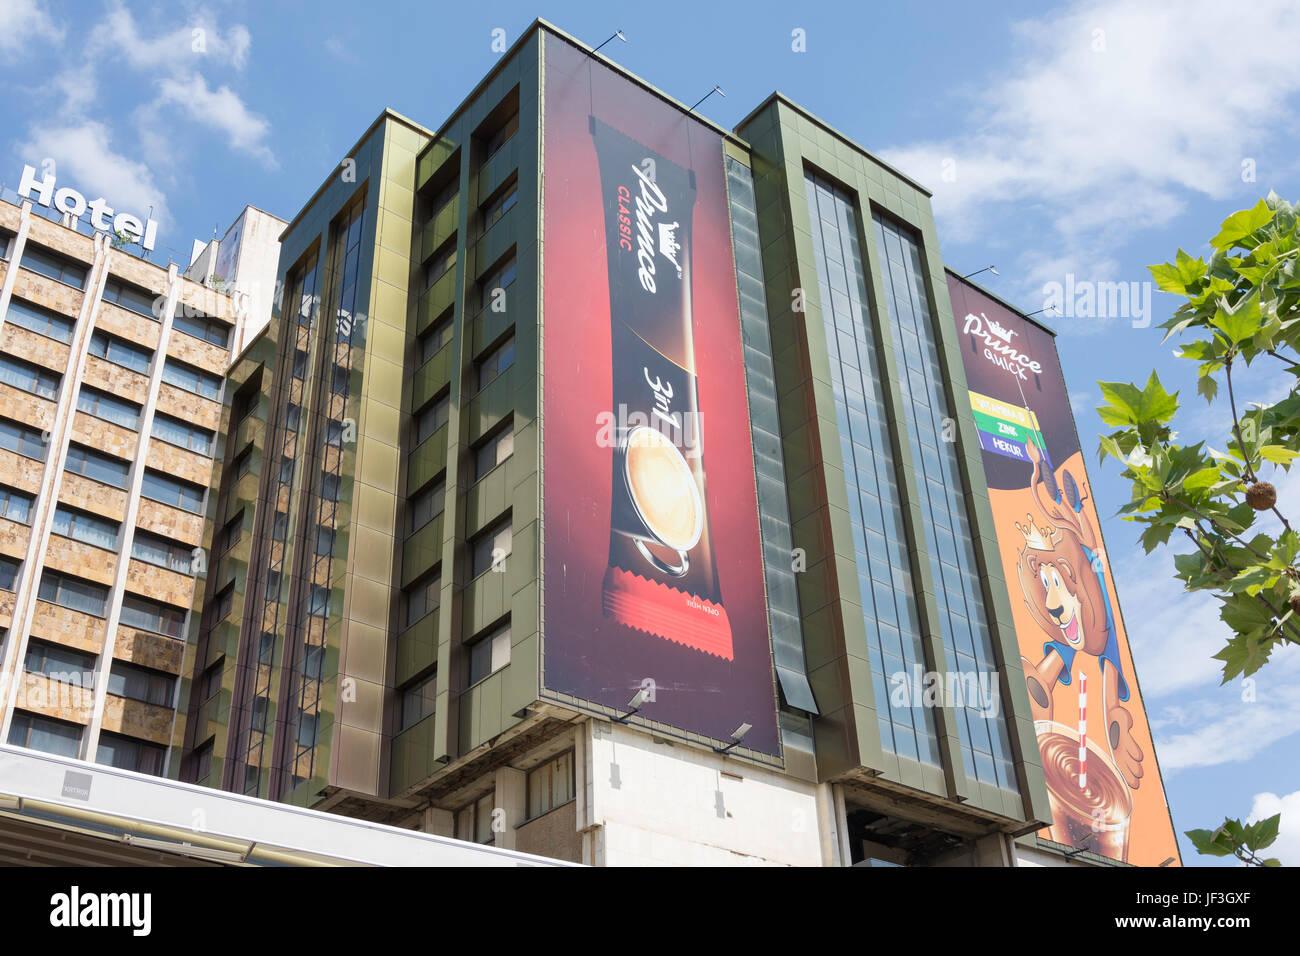 Immeuble de bureaux modernes avec les panneaux publicitaires dans le